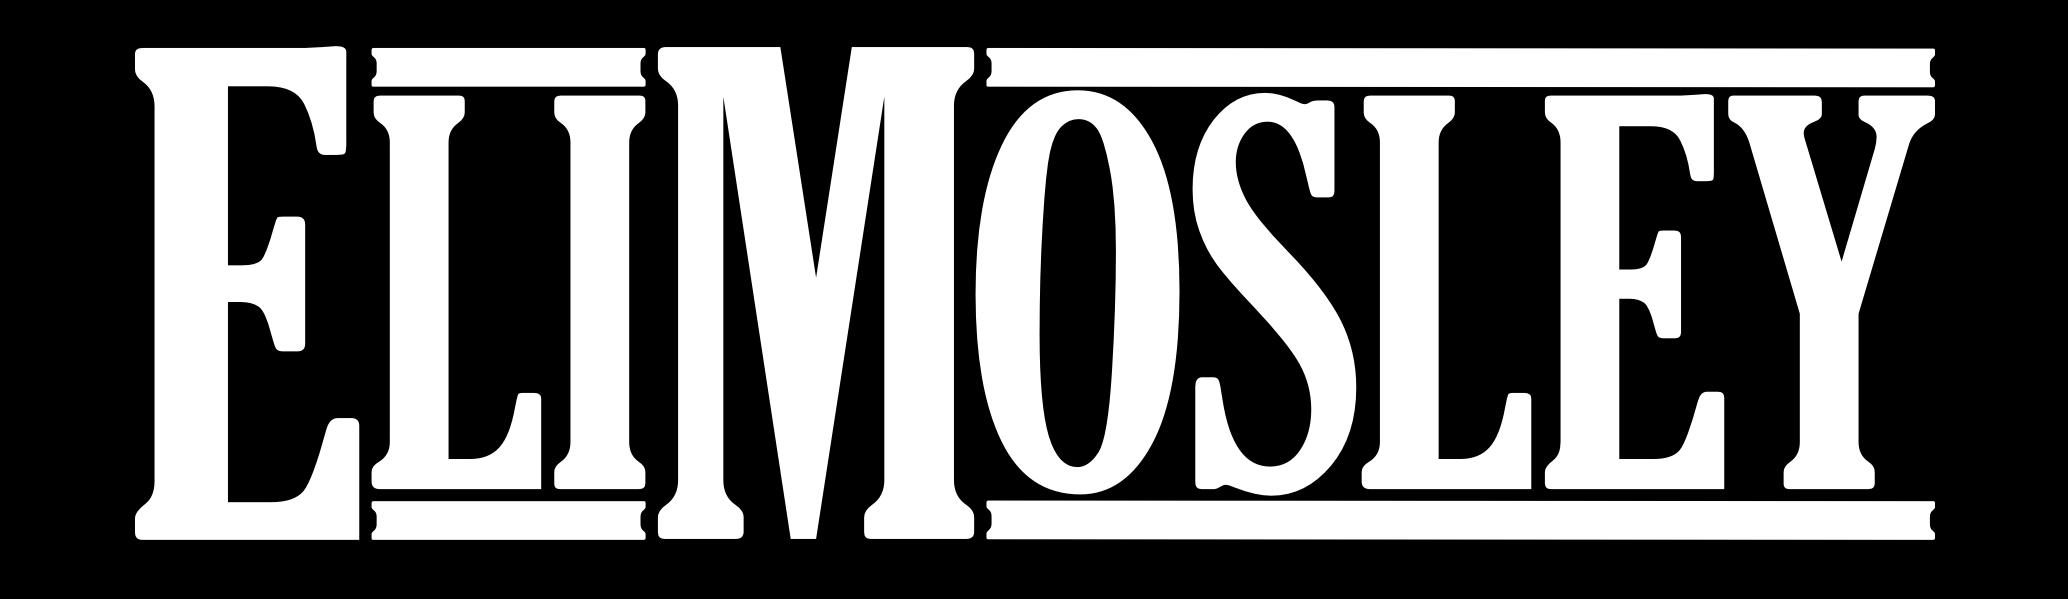 Eli Mosley Music